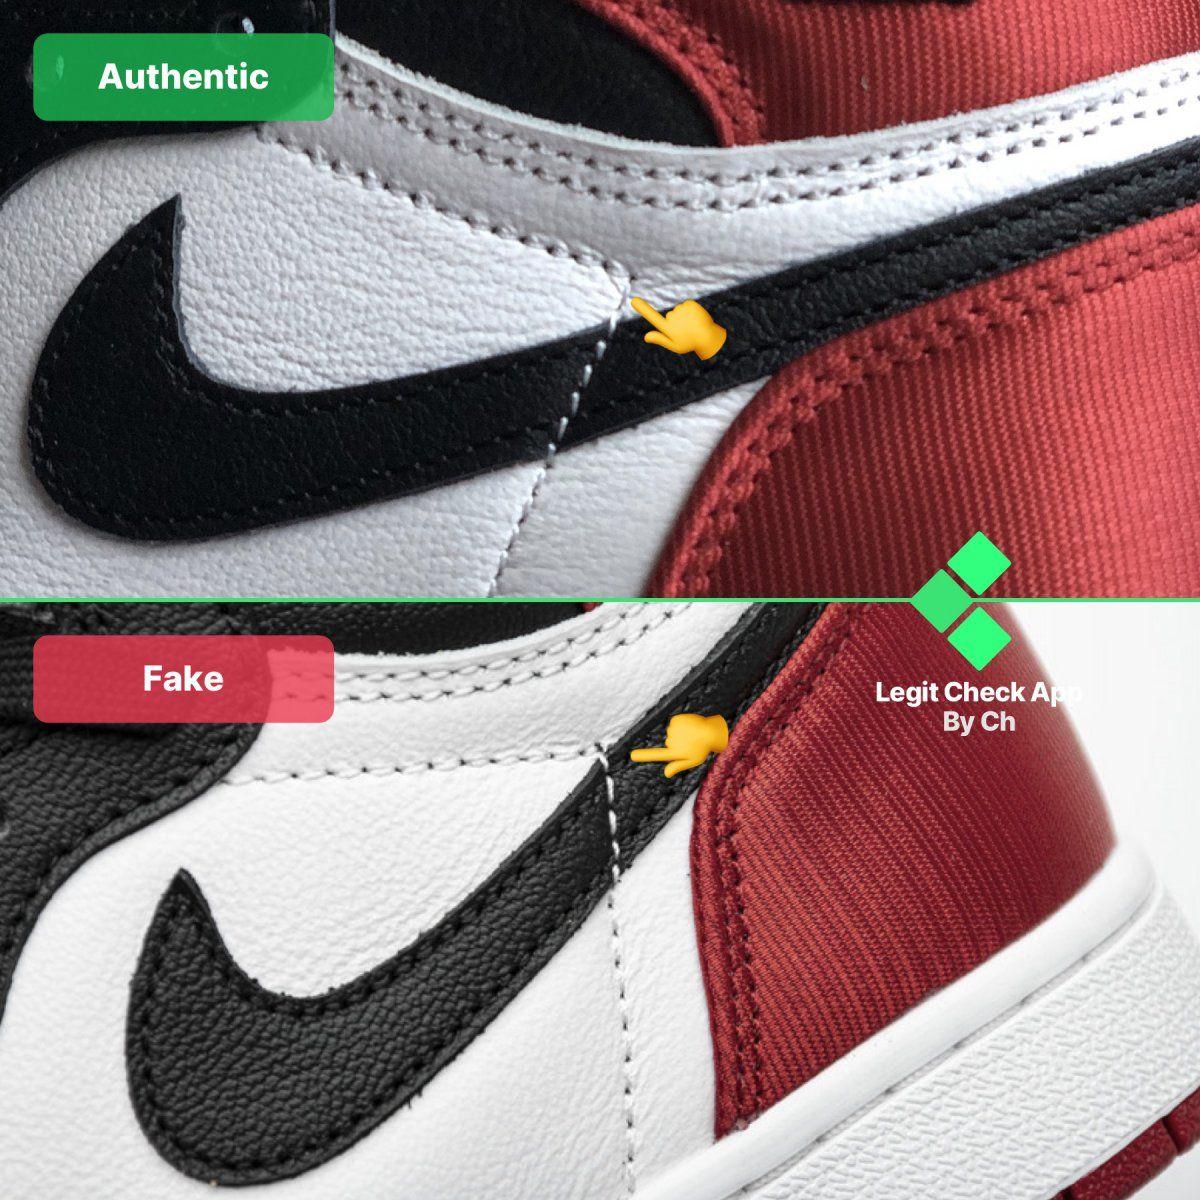 Step 7: Fake vs real Air Jordan 1 Satin Black Toe cross ...